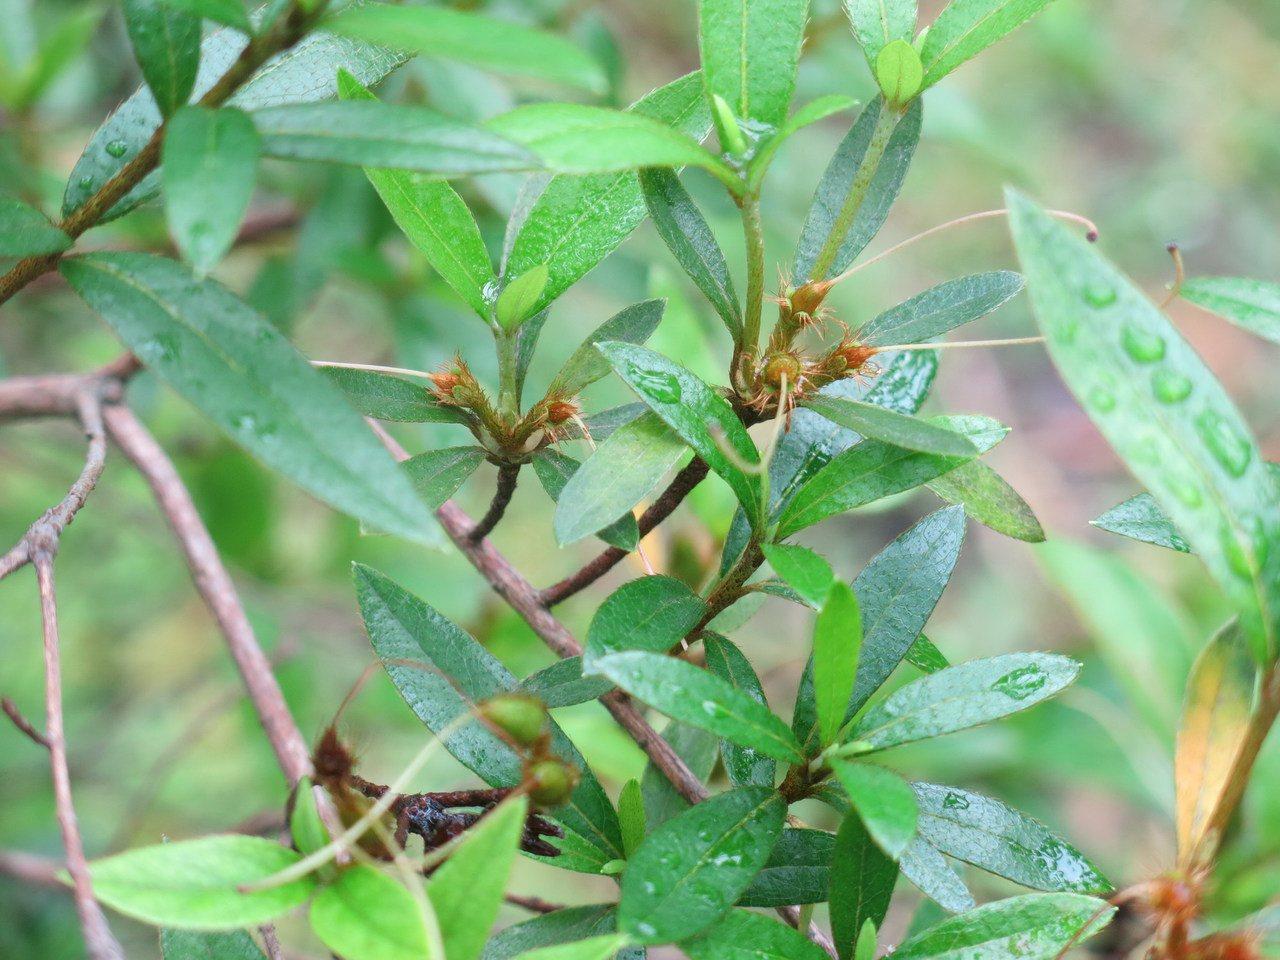 台灣植物紅皮書列為野外滅絕等級的稀有植物烏來杜鵑開花後所結的蒴果。圖/嘉大提供